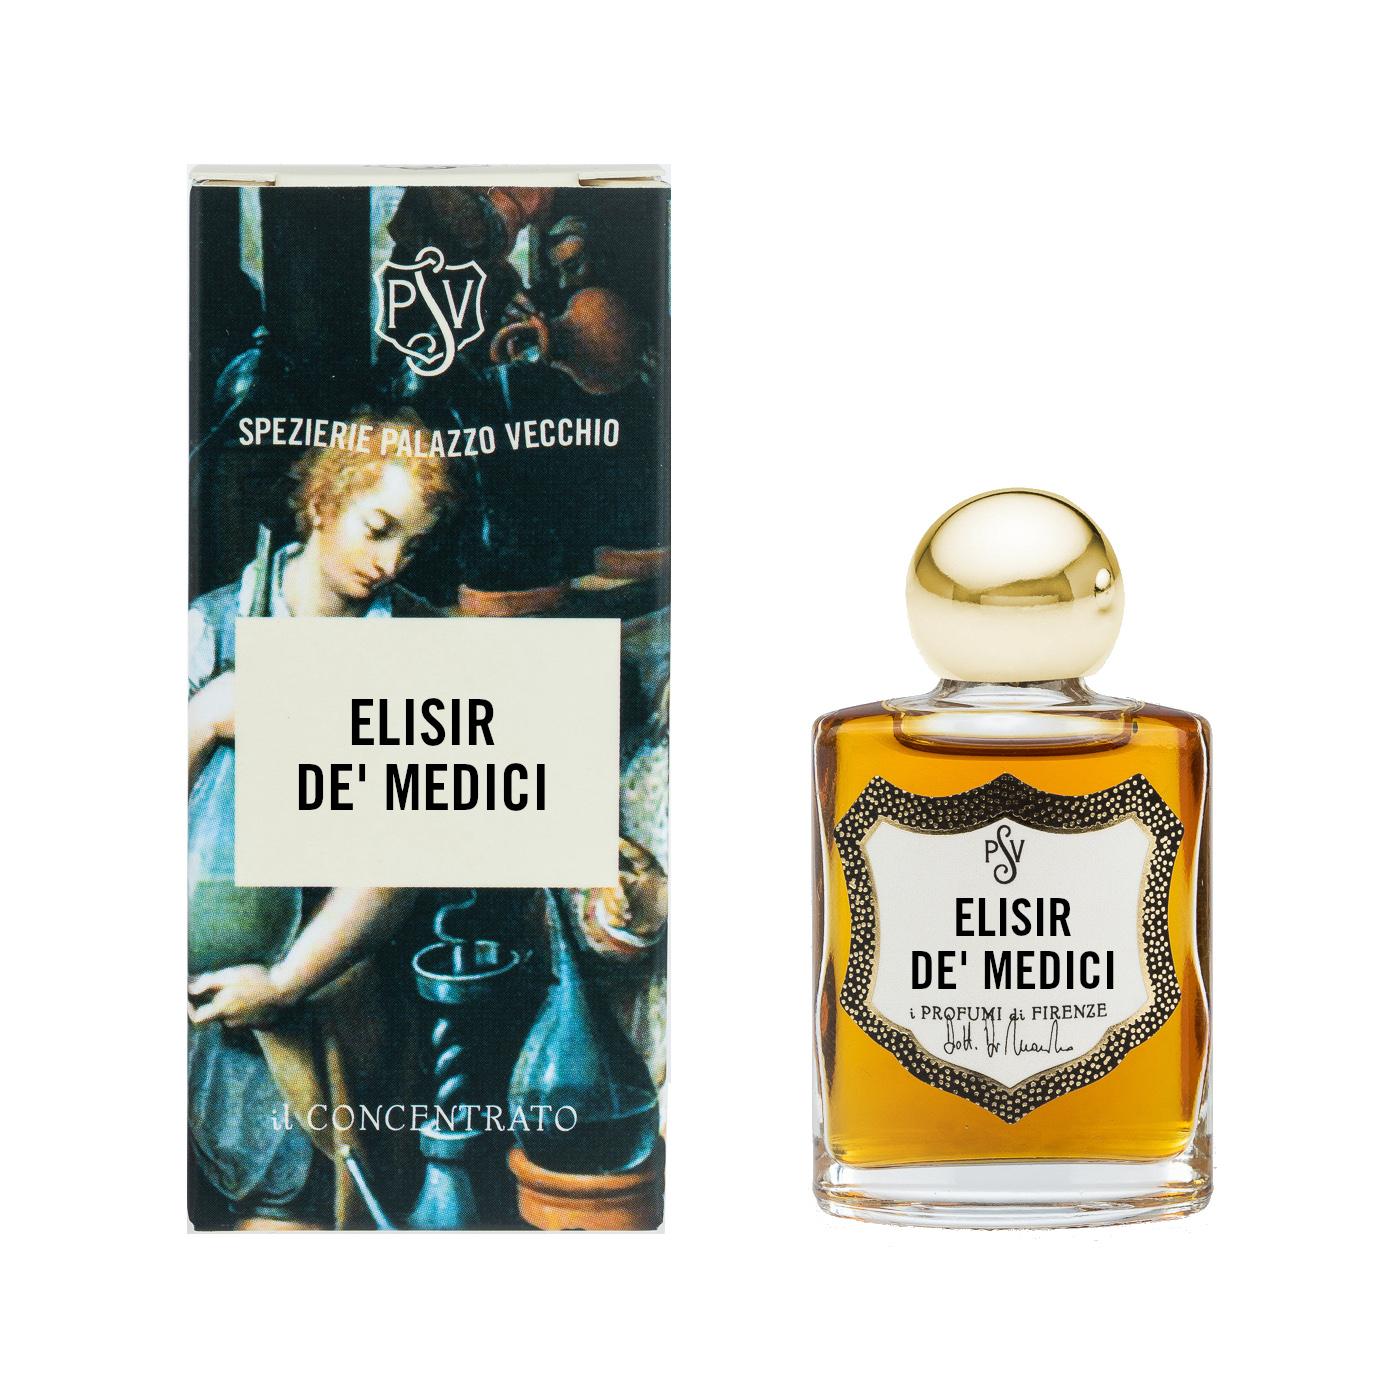 ELISIR DE' MEDICI - Il Concentrato-3834